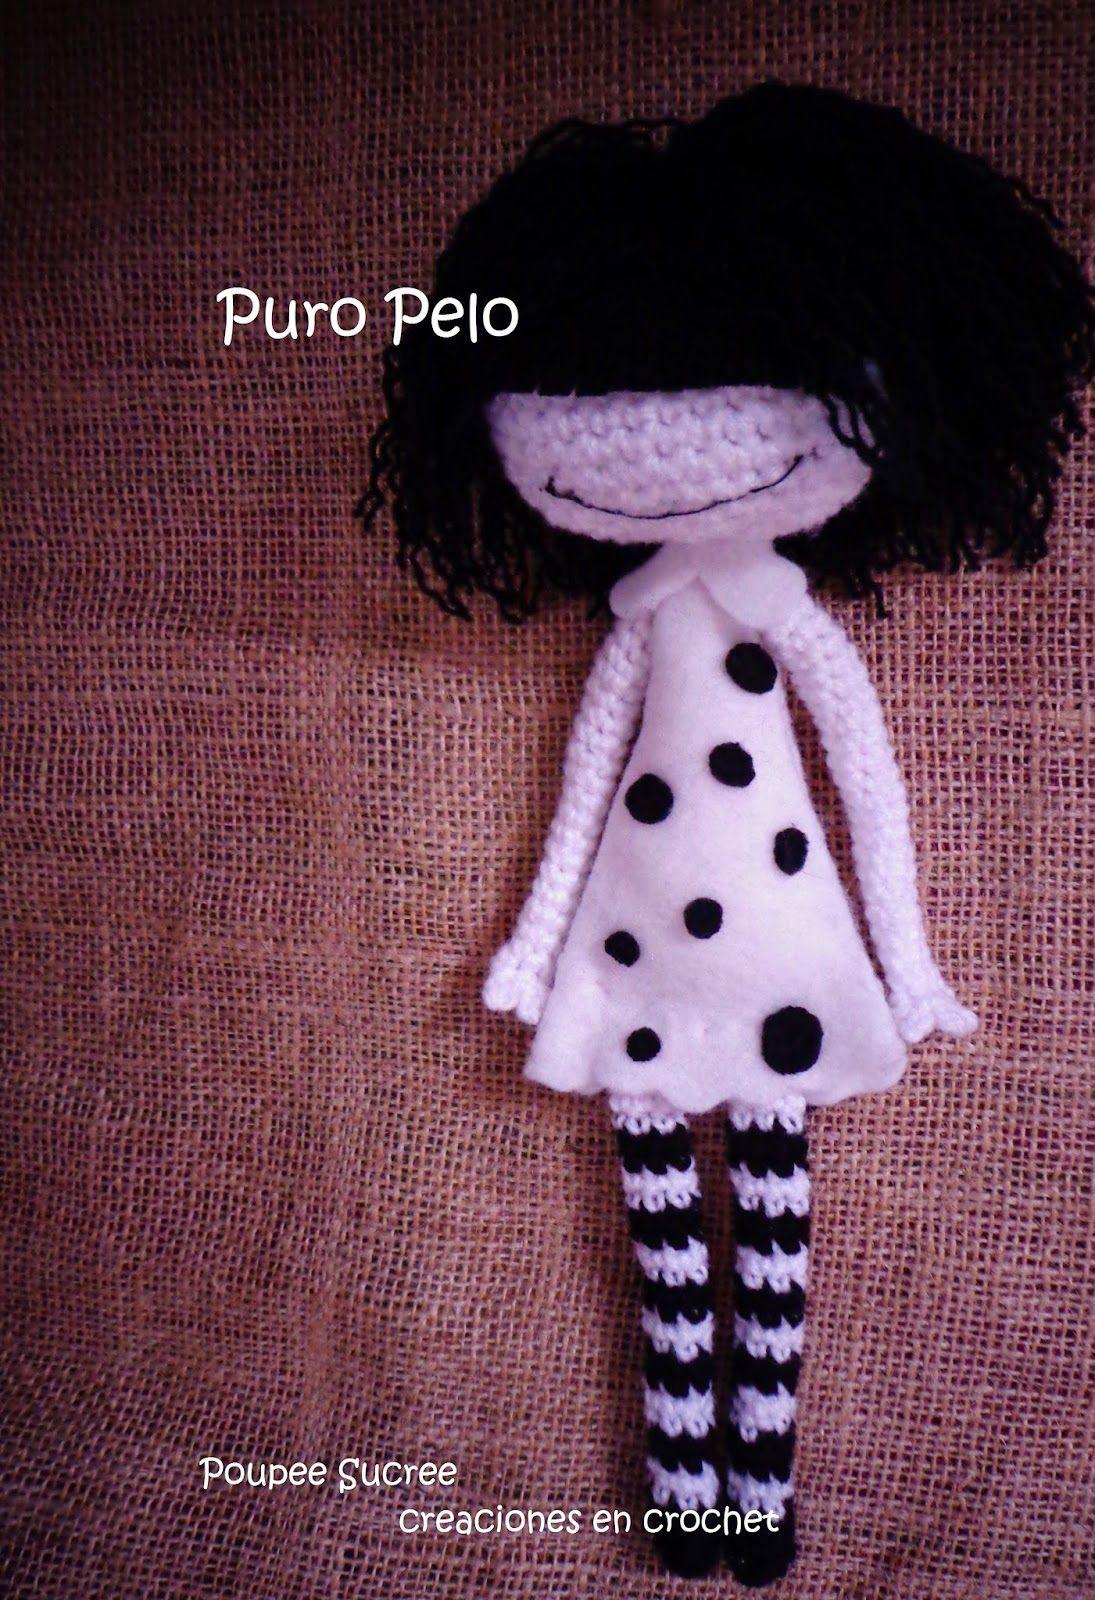 POUPEE SUCREE Creaciones en Crochet: personaje de puro pelo en ...